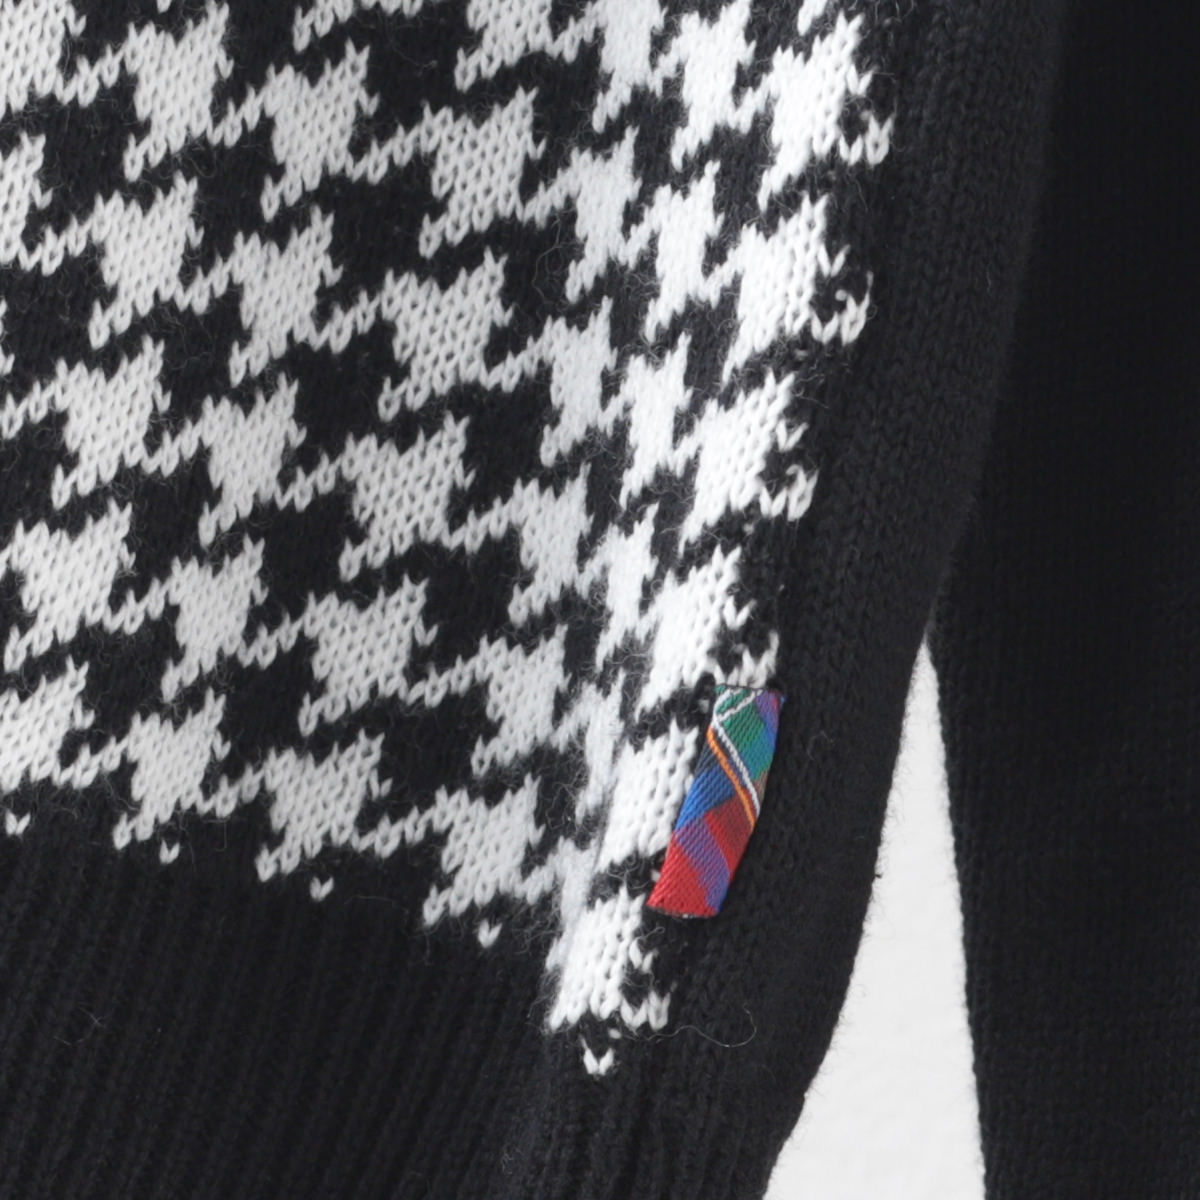 メルクロンドン メンズ ハウンドトゥース ジップスルー ニットポロシャツ Merc London 長袖 ブラック ネイビー 千鳥格子 モッズファッション プレゼント ギフト